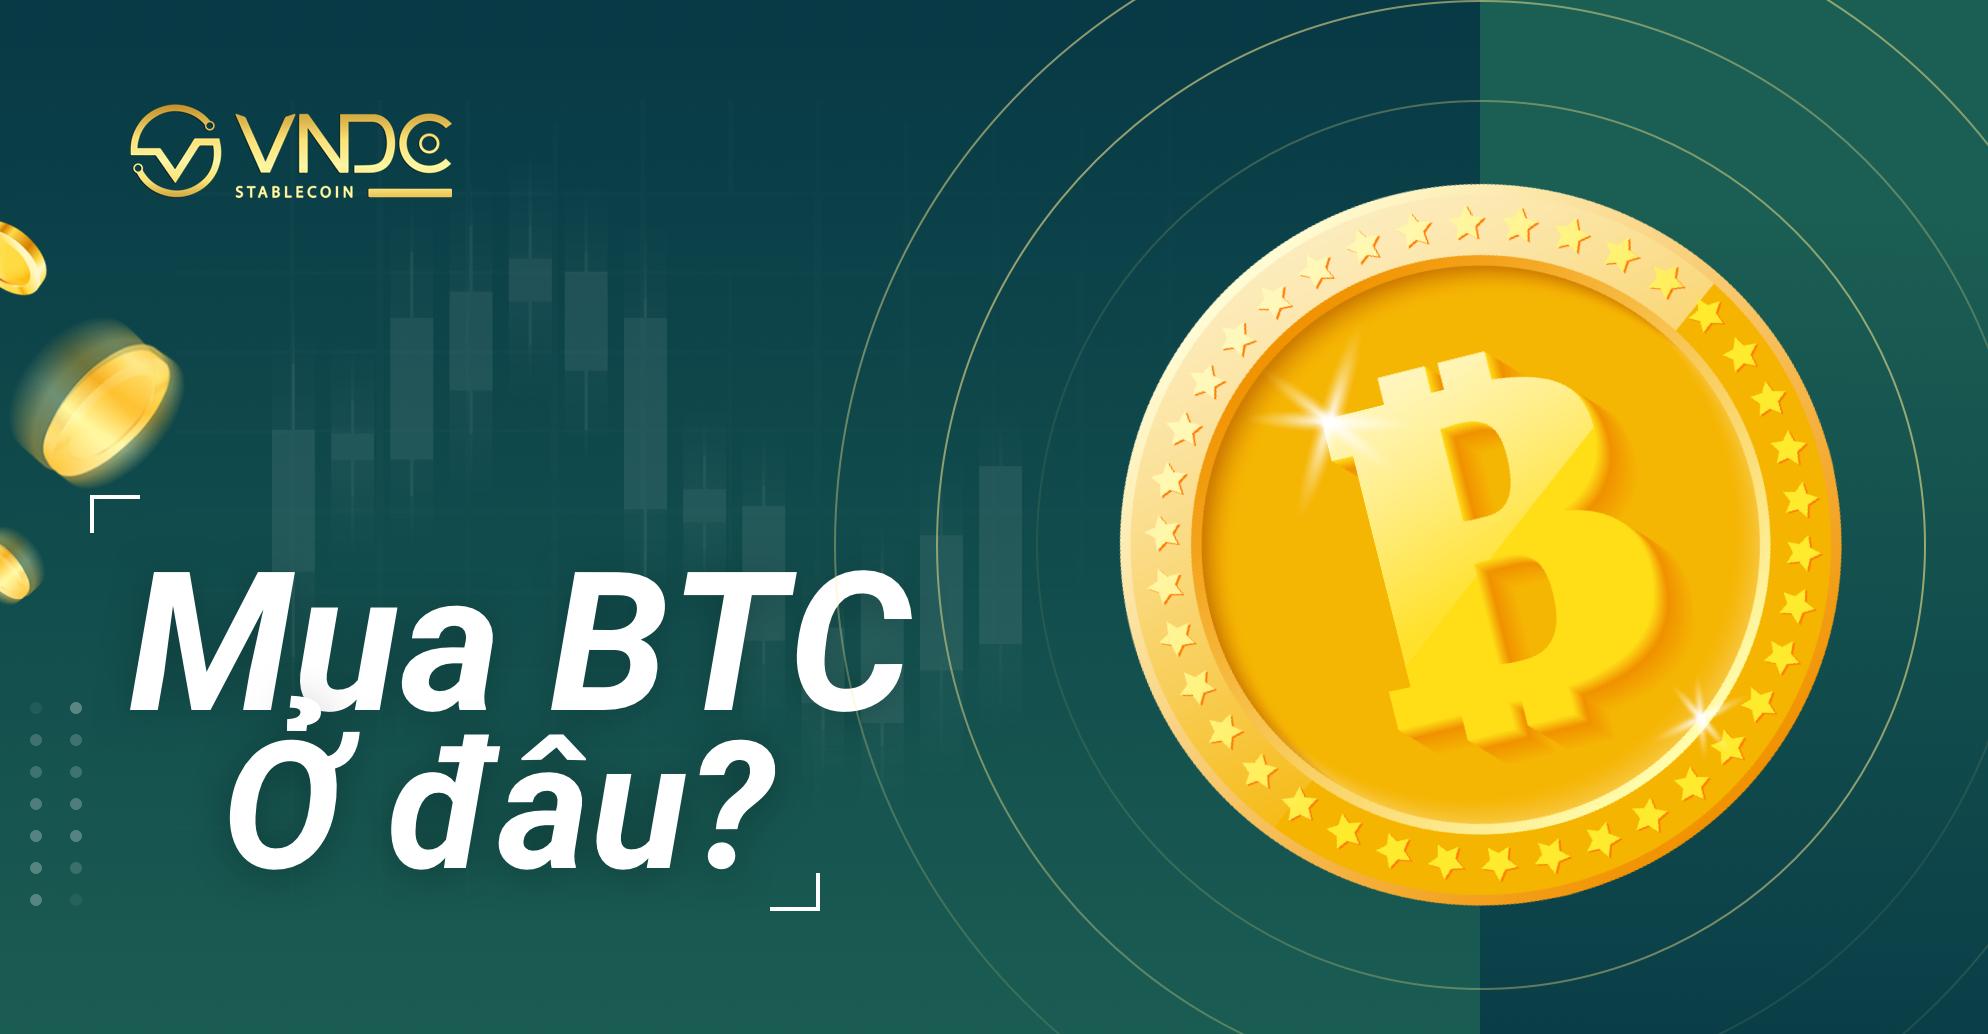 Mua Bitcoin ở đâu? Hướng dẫn mua Bitcoin an toàn với giá tốt nhất